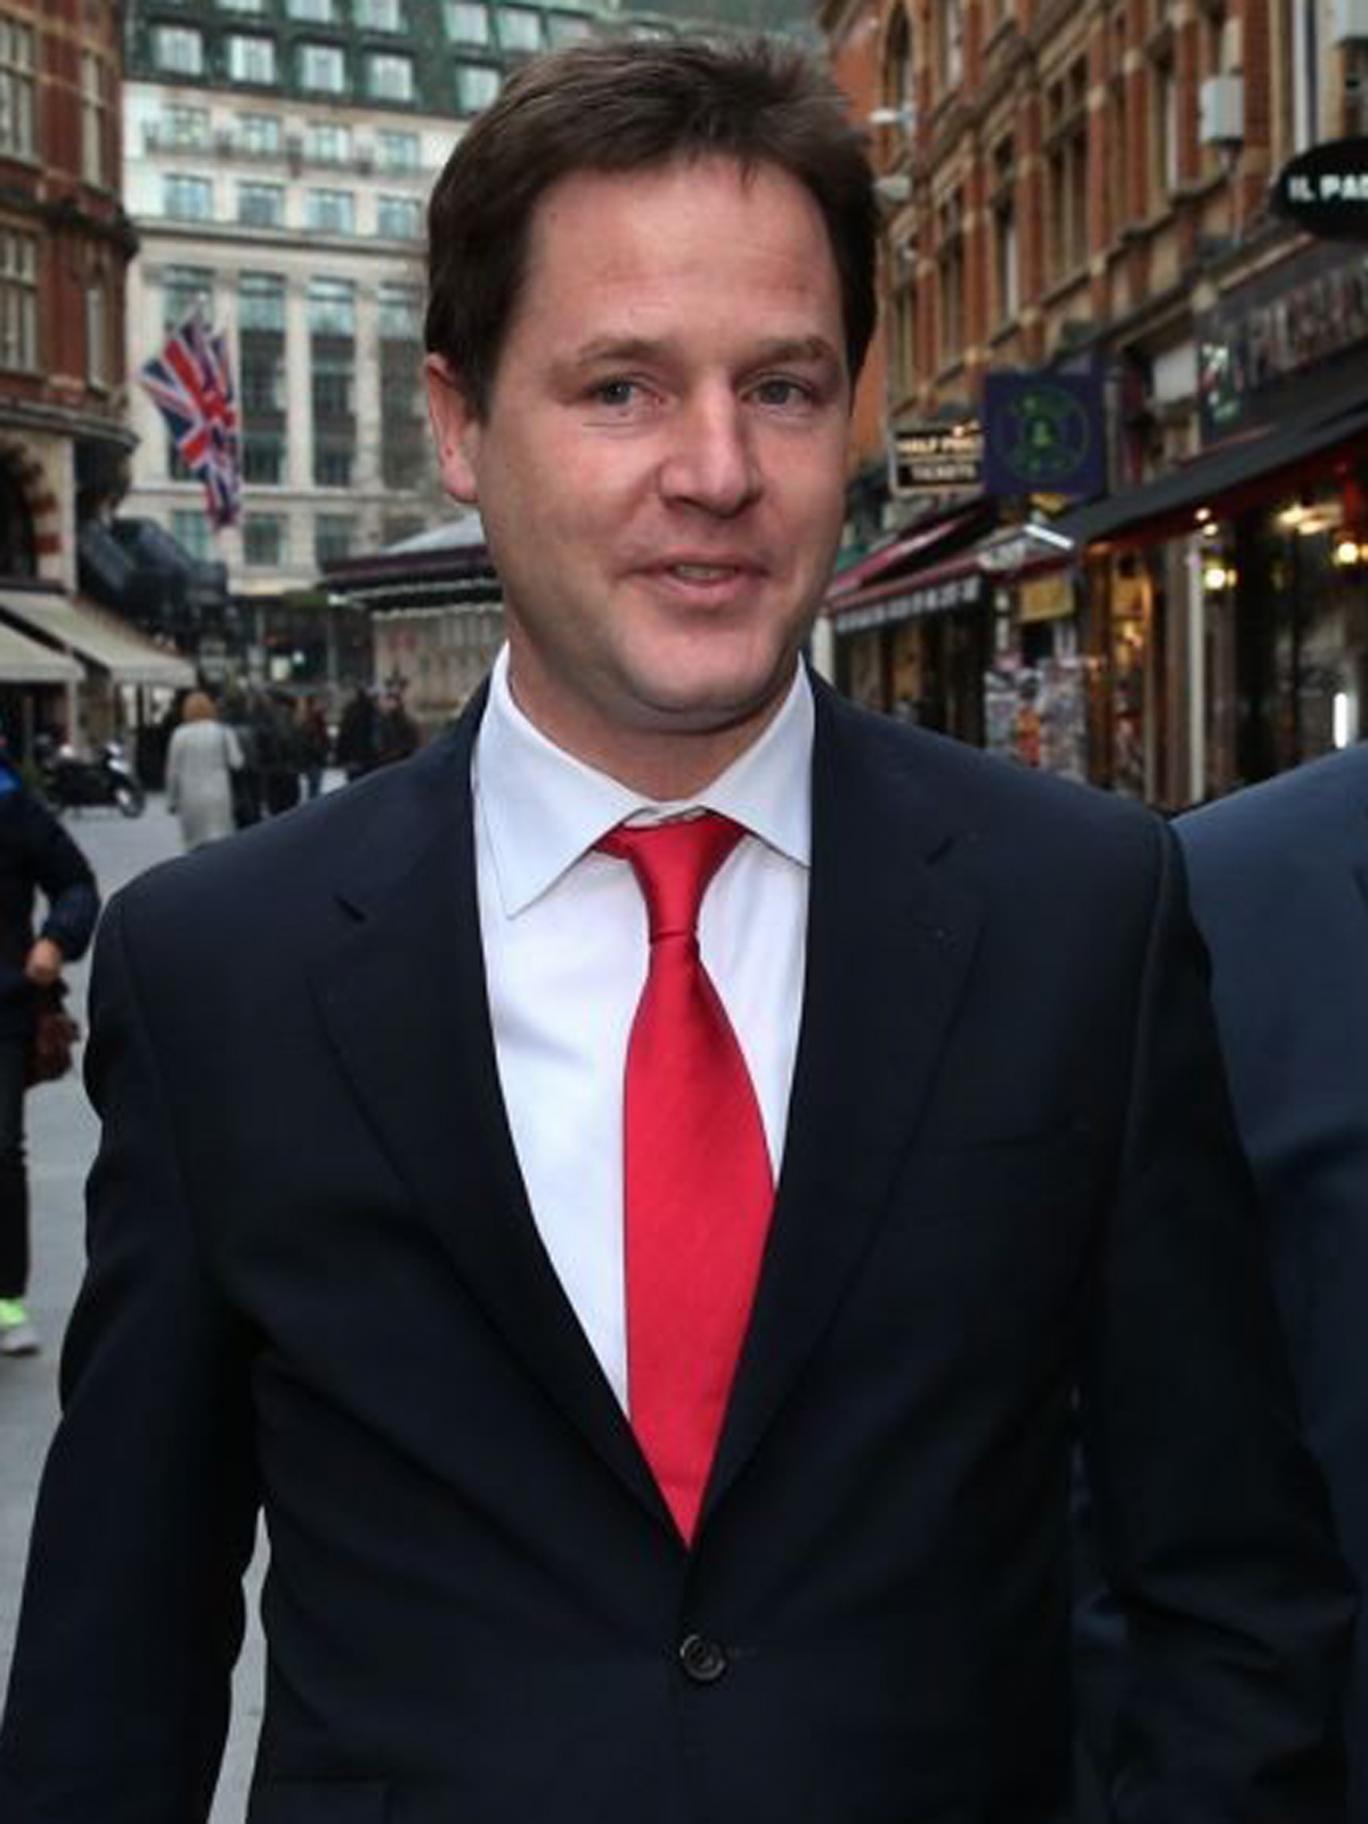 Nick Clegg in London yesterday